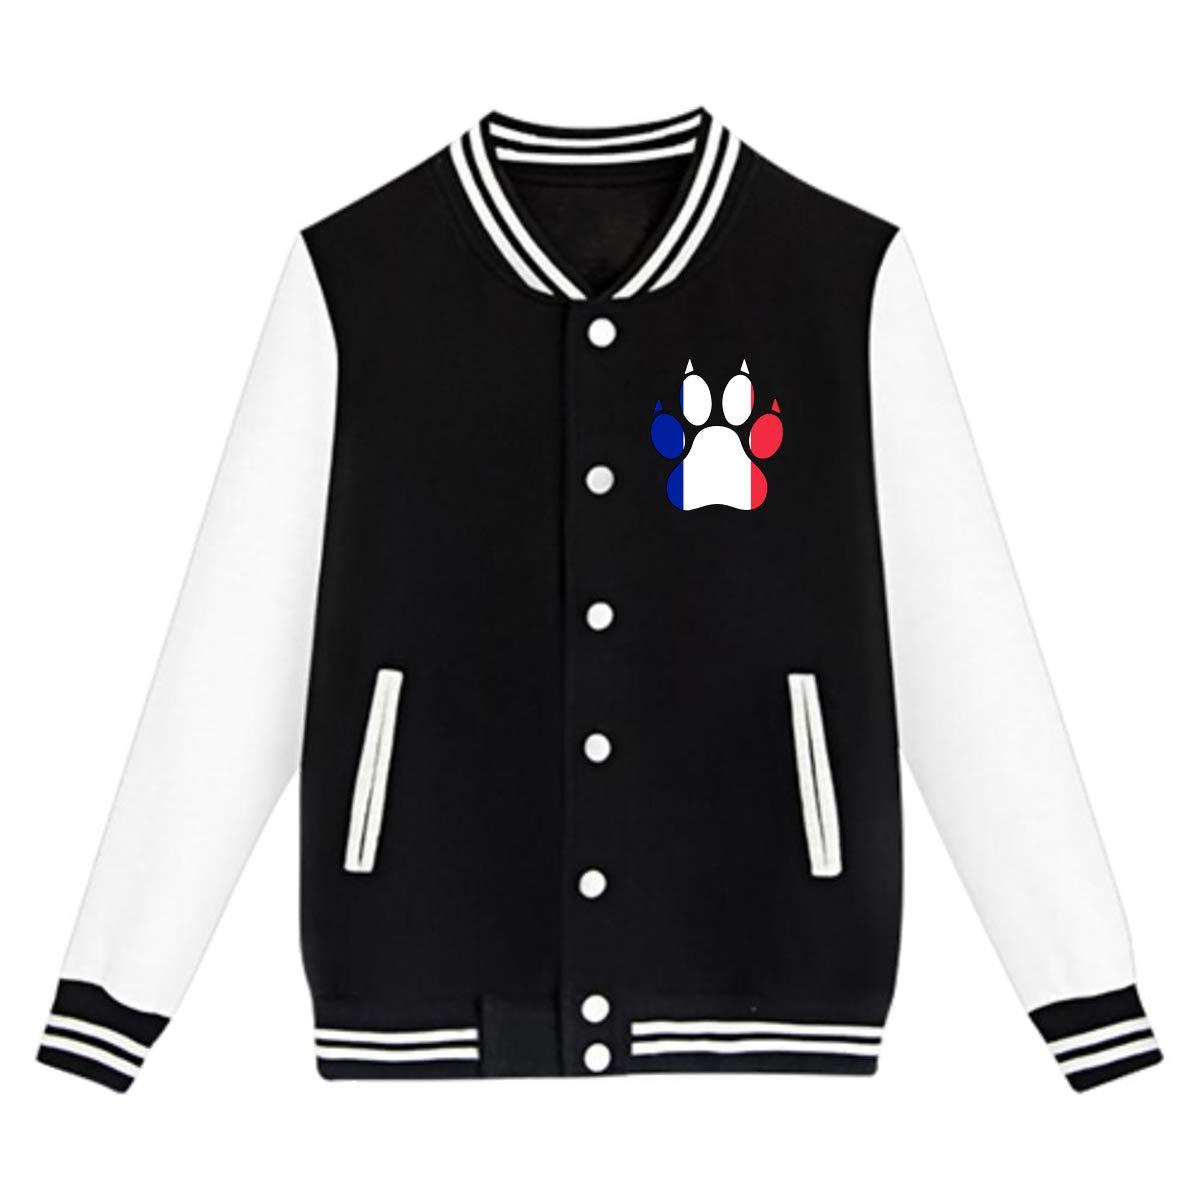 Unisex Youth Baseball Uniform Jacket France Flag Dog Paw Coat Sweatshirt Outwear